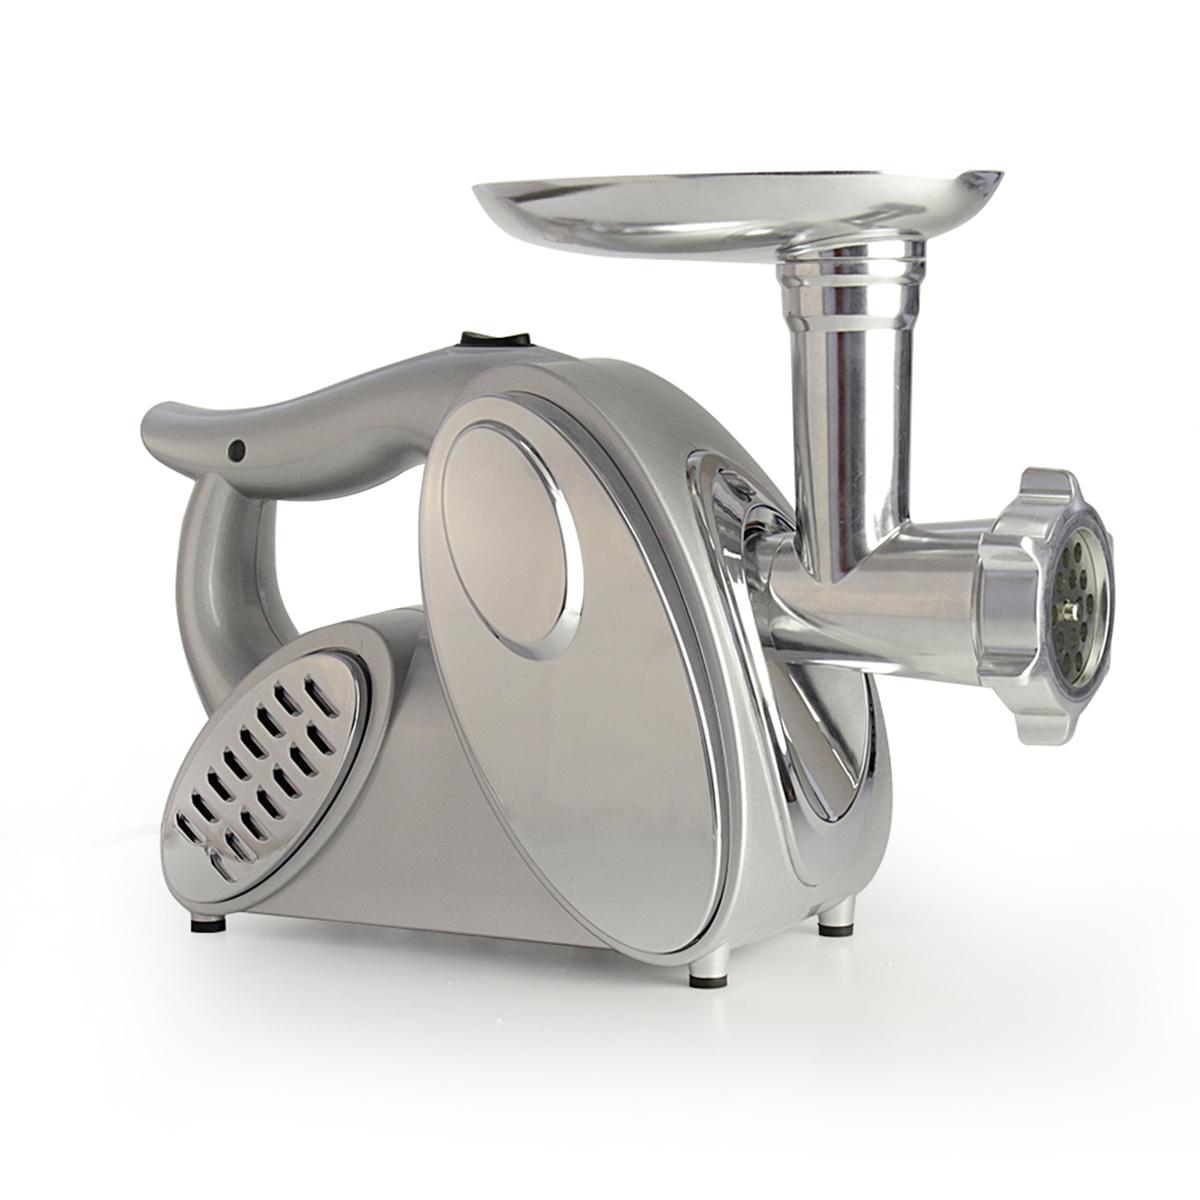 Galaxy GL 2401 мясорубка4630003362124Мясорубка Galaxy GL 2401 незаменимая вещь на кухне для хозяек. Долговечность мясорубки напрямую зависит от качества ее ножа. Недорогие штампованные ножи плохо режут продукты, затрудняя работу двигателя, и, тем самым, значительно сокращая срок ее эксплуатации.Усиленные литые ножи мясорубок GALAXY изготовлены по уникальной технологии точного литья и сохраняют безупречную остроту в течении нескольких лет даже при частом использовании.